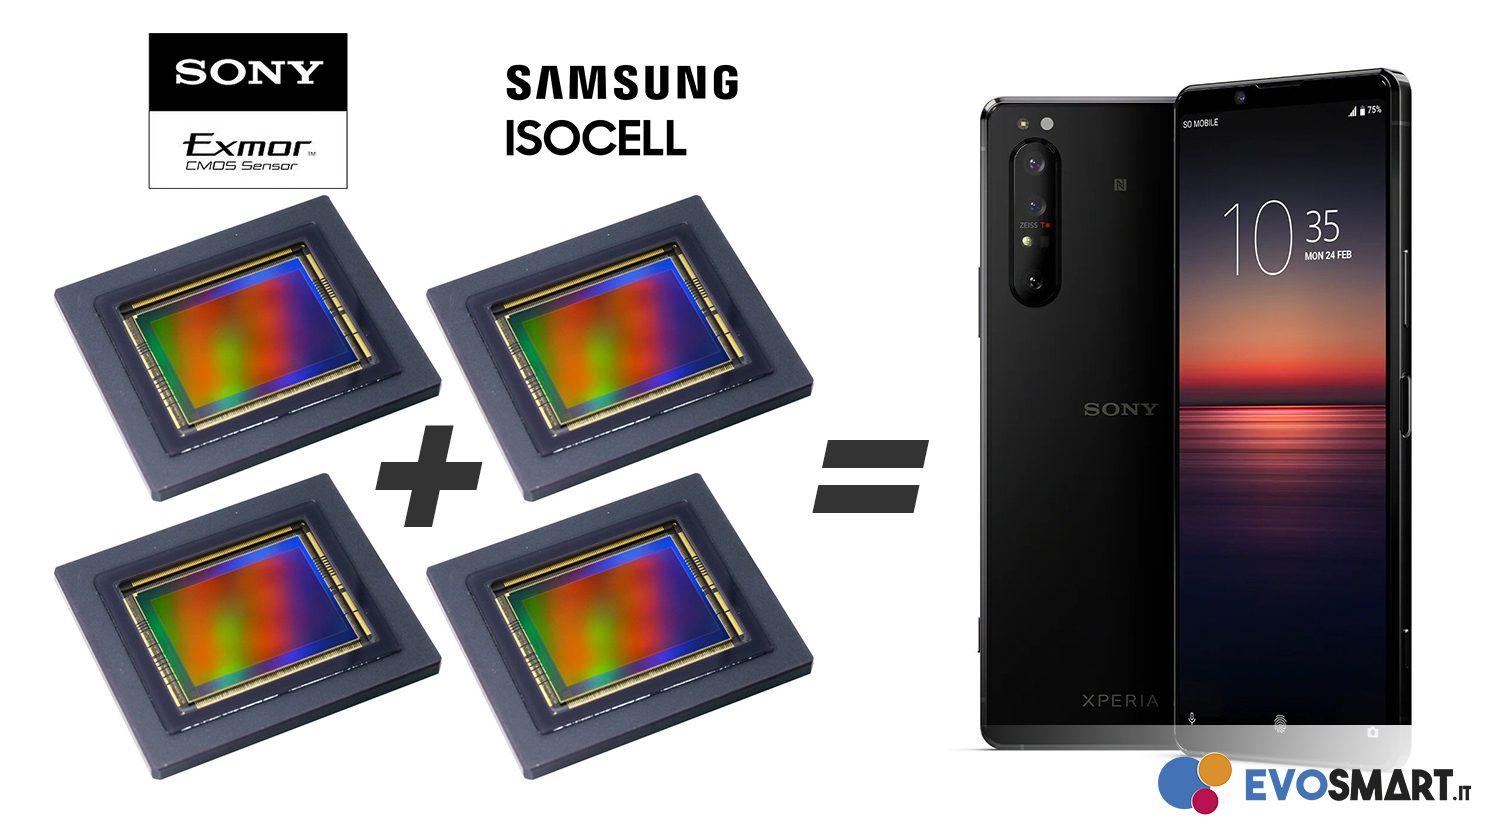 Ecco perchè il maggior produttore di sensore al mondo vende smartphone con sensori della concorrenza